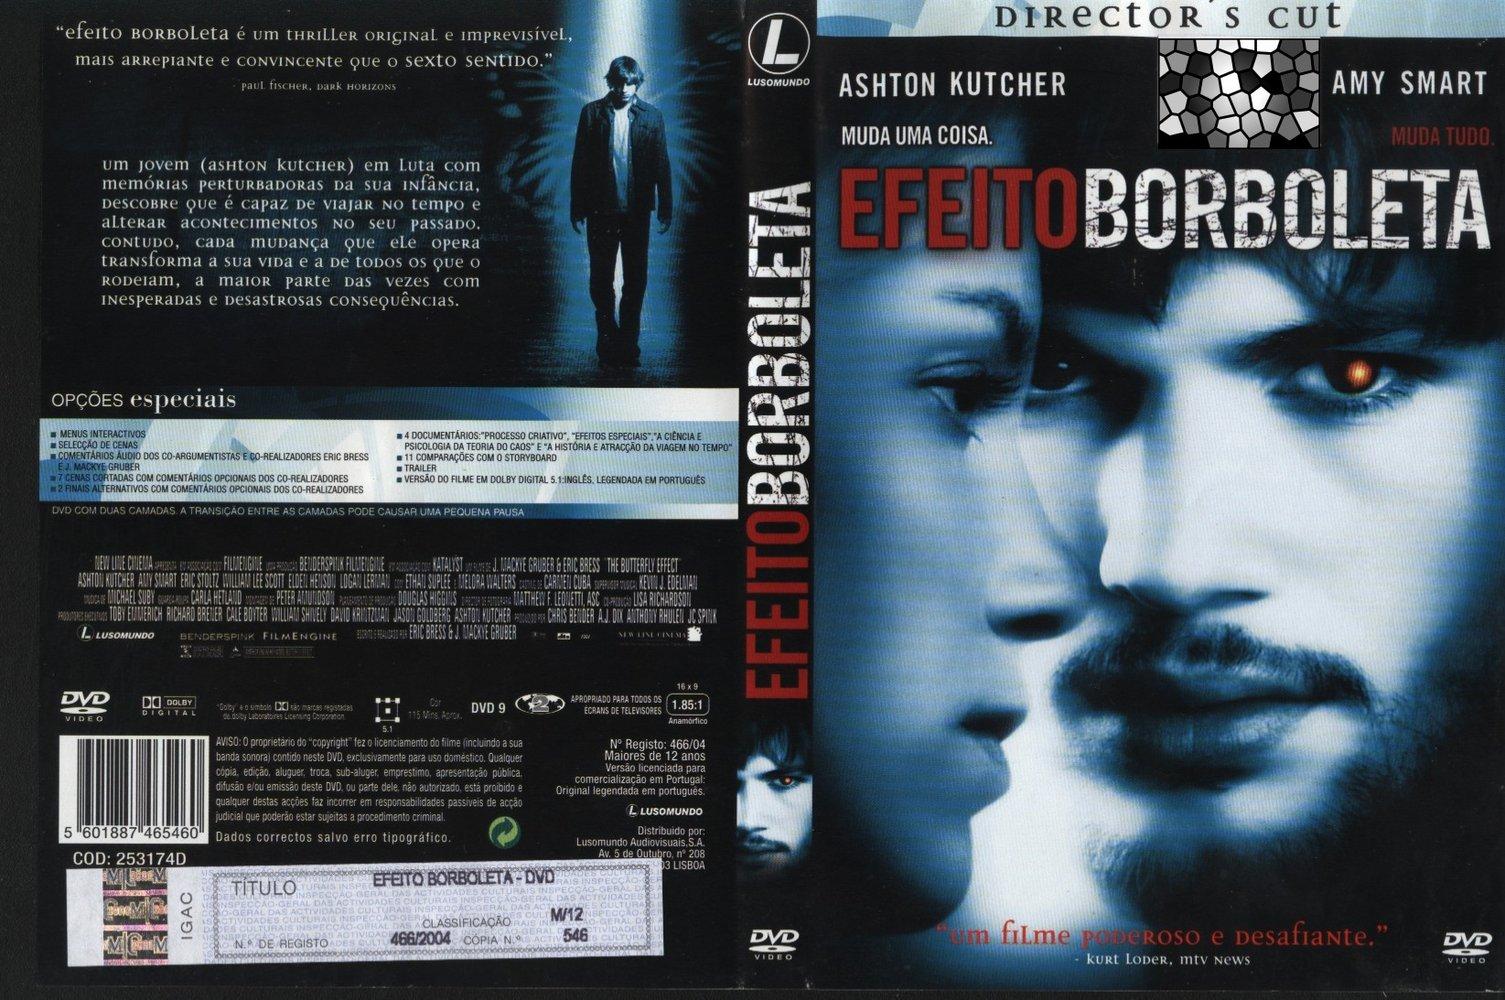 http://2.bp.blogspot.com/_tXUE2NrFw5g/TF7yziIbobI/AAAAAAAAABk/LXwZGPJd76I/s1600/87.+Efeito+Borboleta+1.jpg